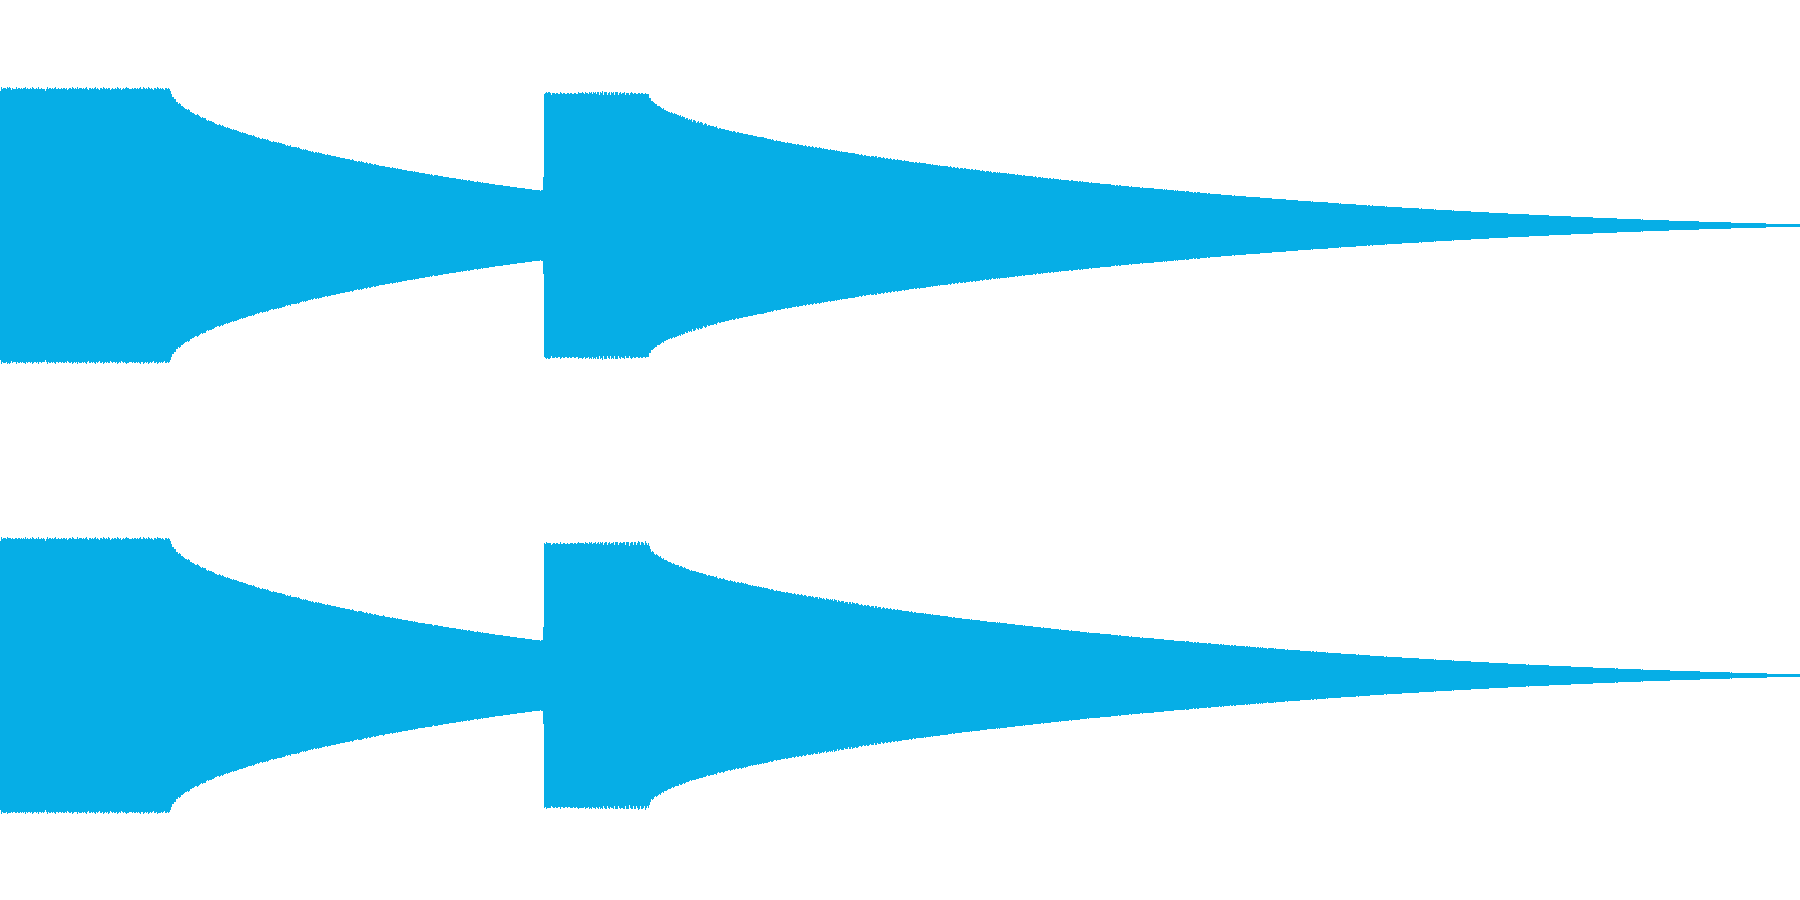 ドアチャイム(矩形波)の再生済みの波形